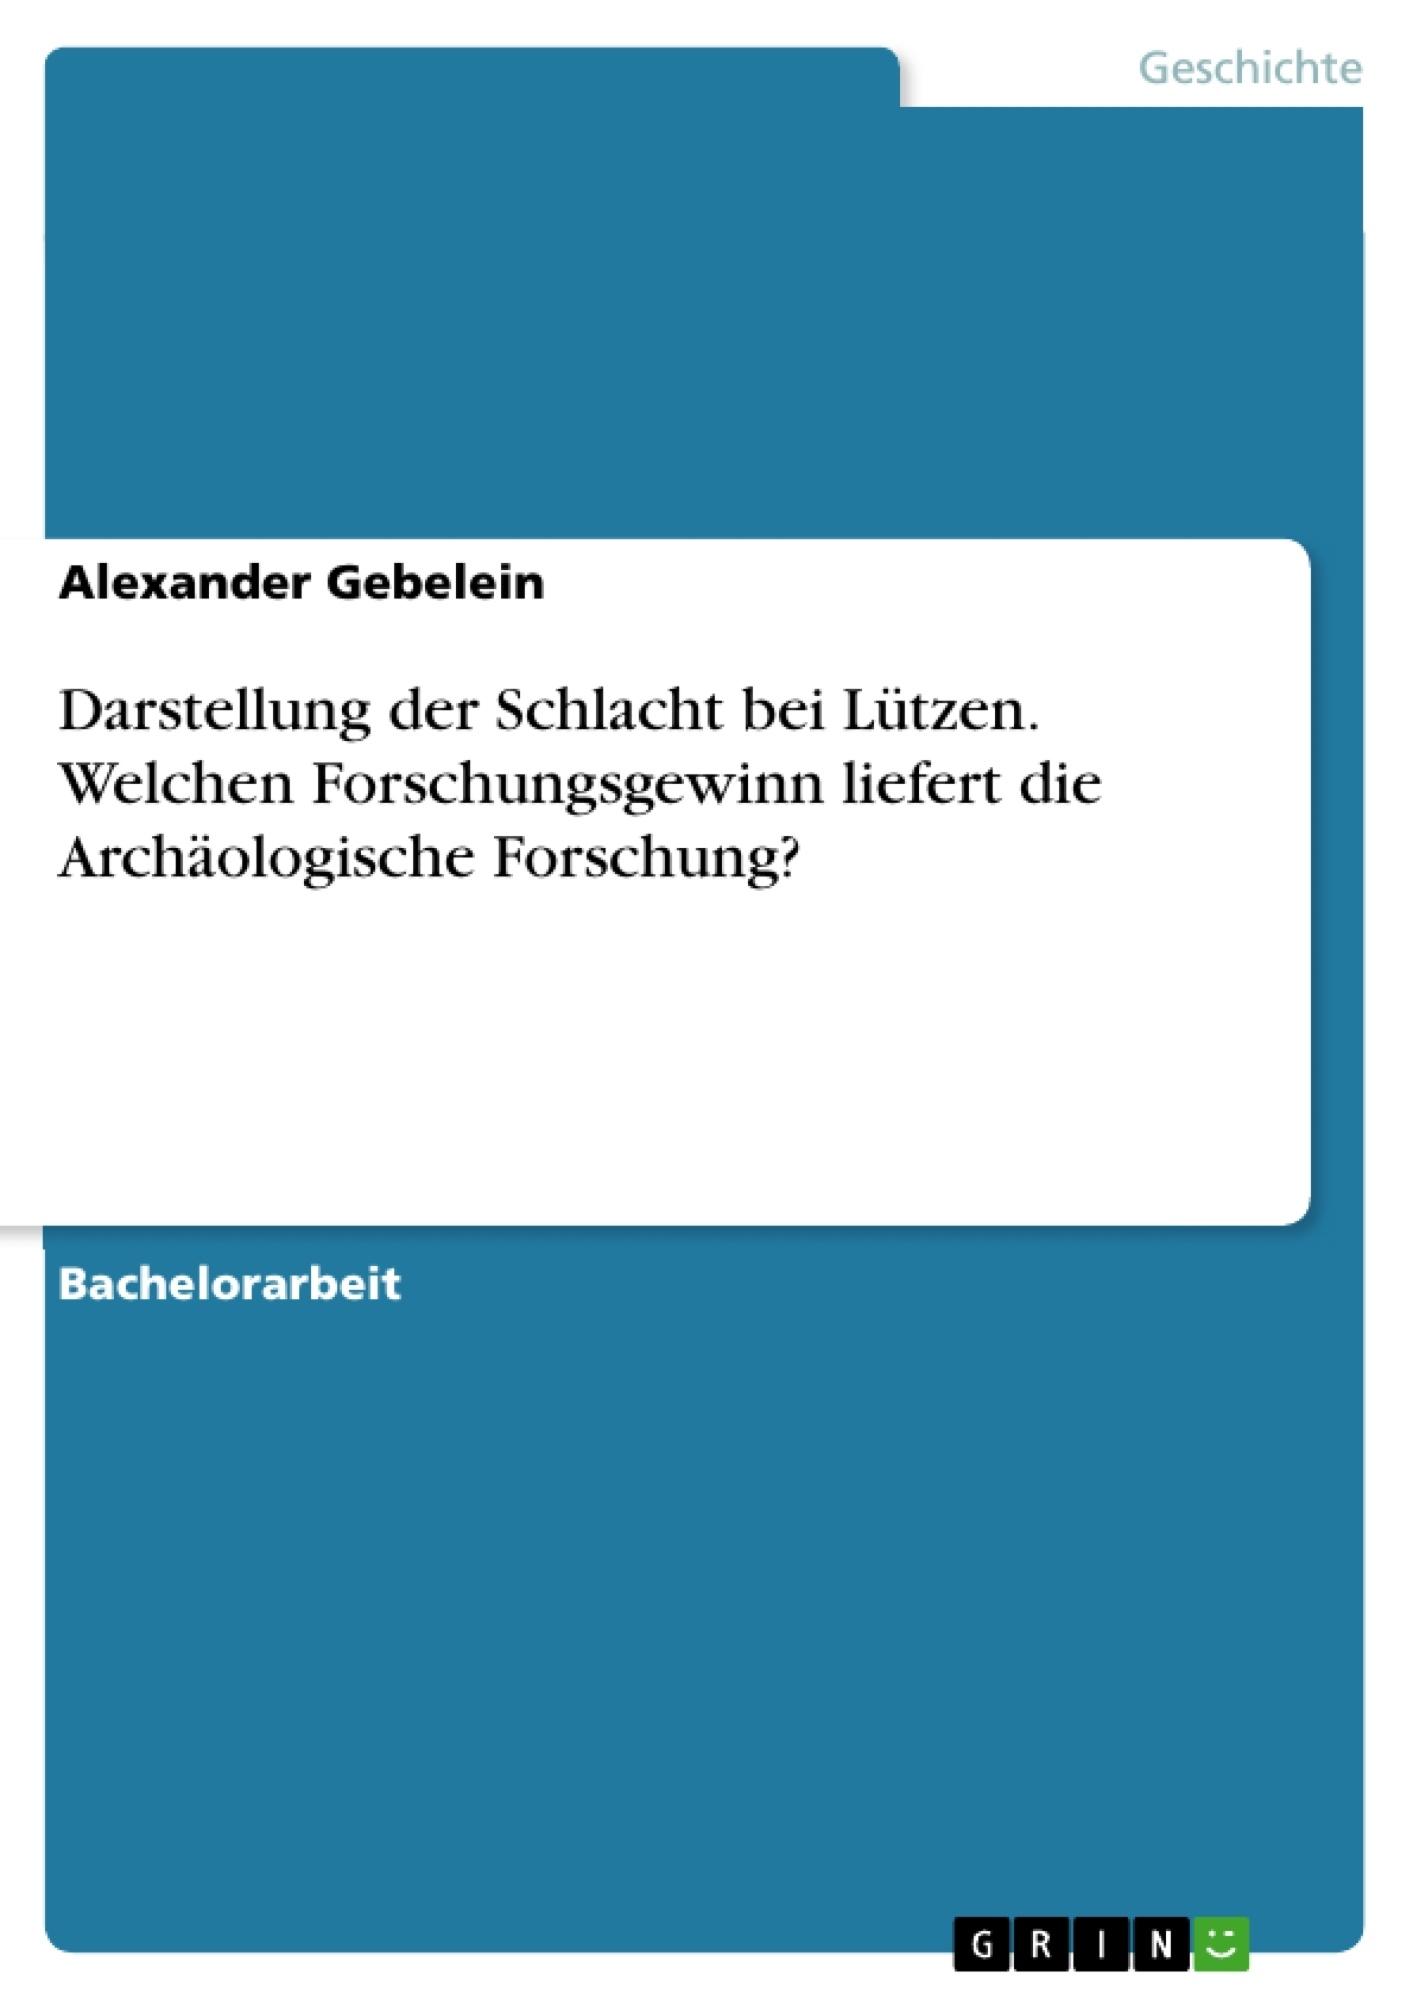 Titel: Darstellung der Schlacht bei Lützen. Welchen Forschungsgewinn liefert die Archäologische Forschung?